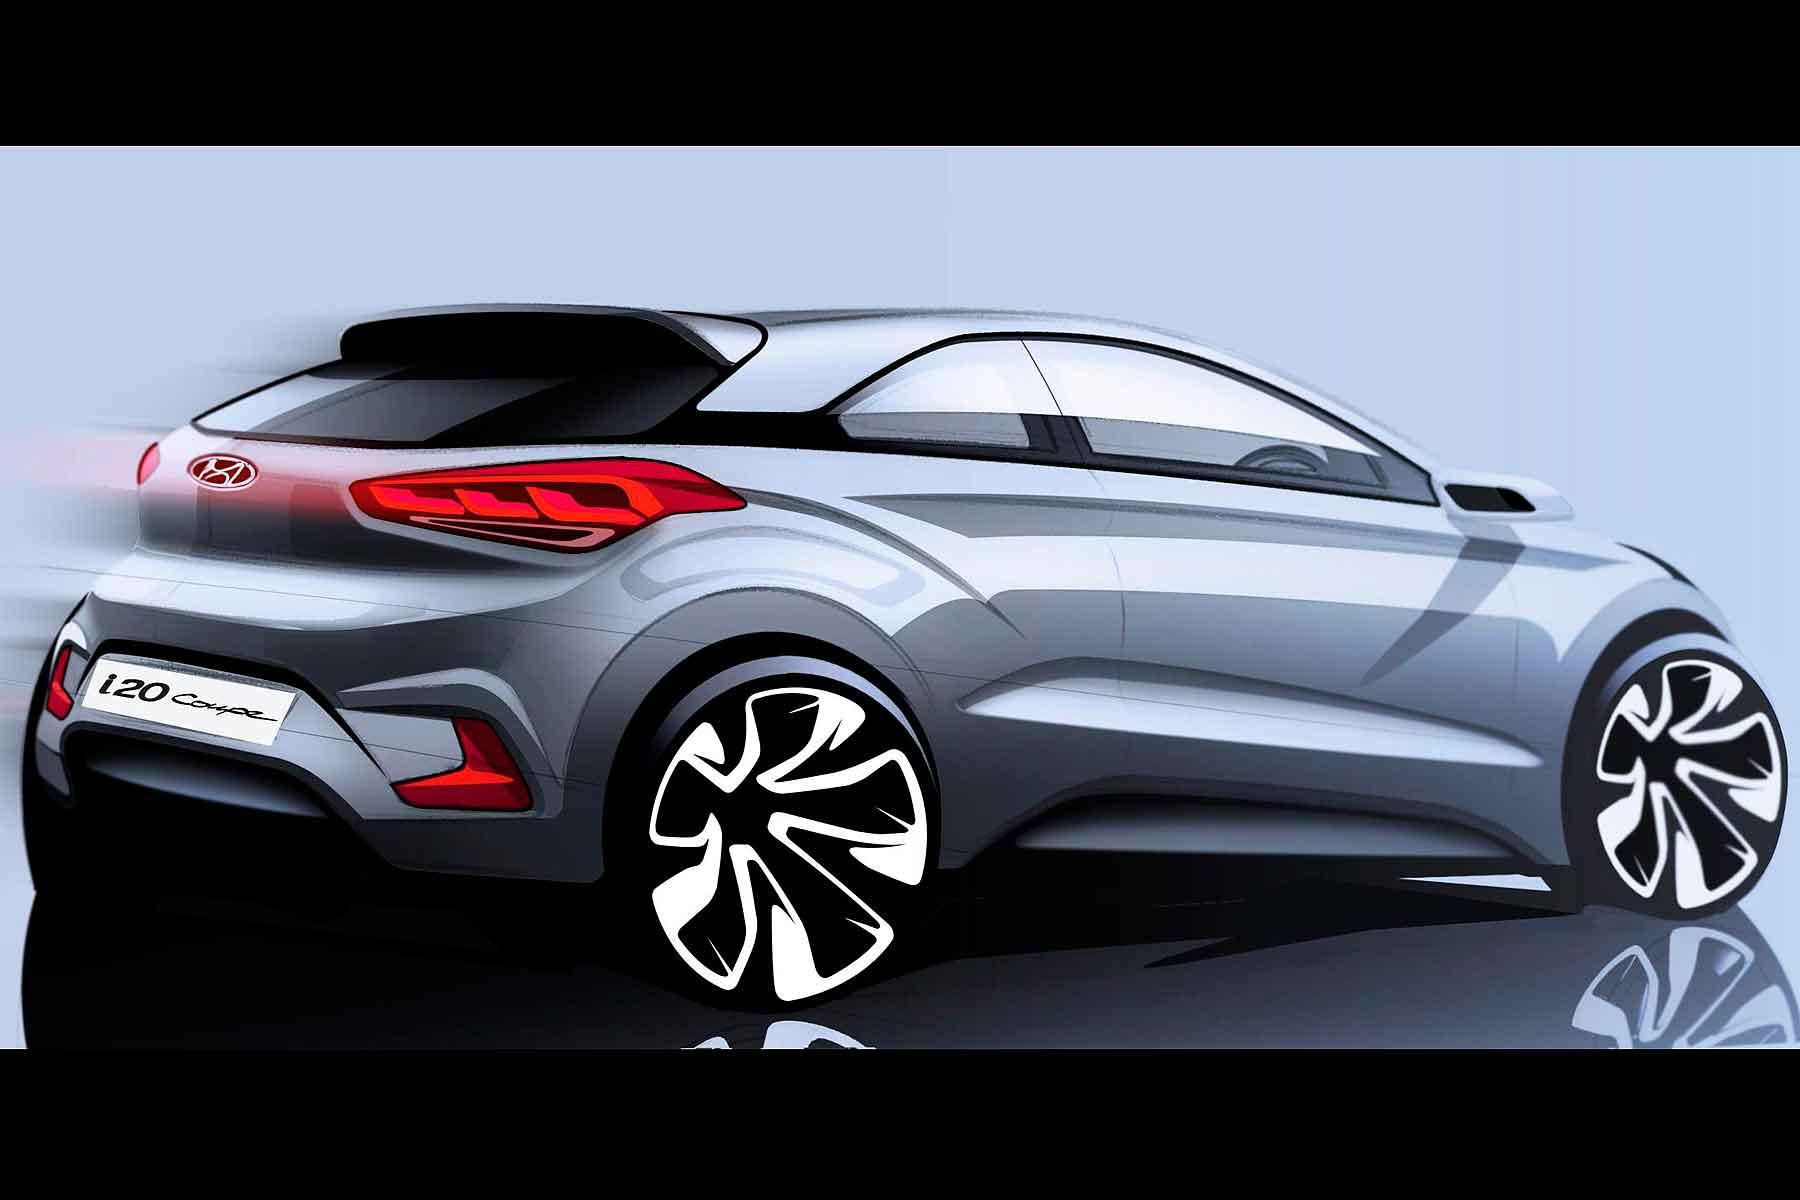 Hyundai New Generation i20 Coupe